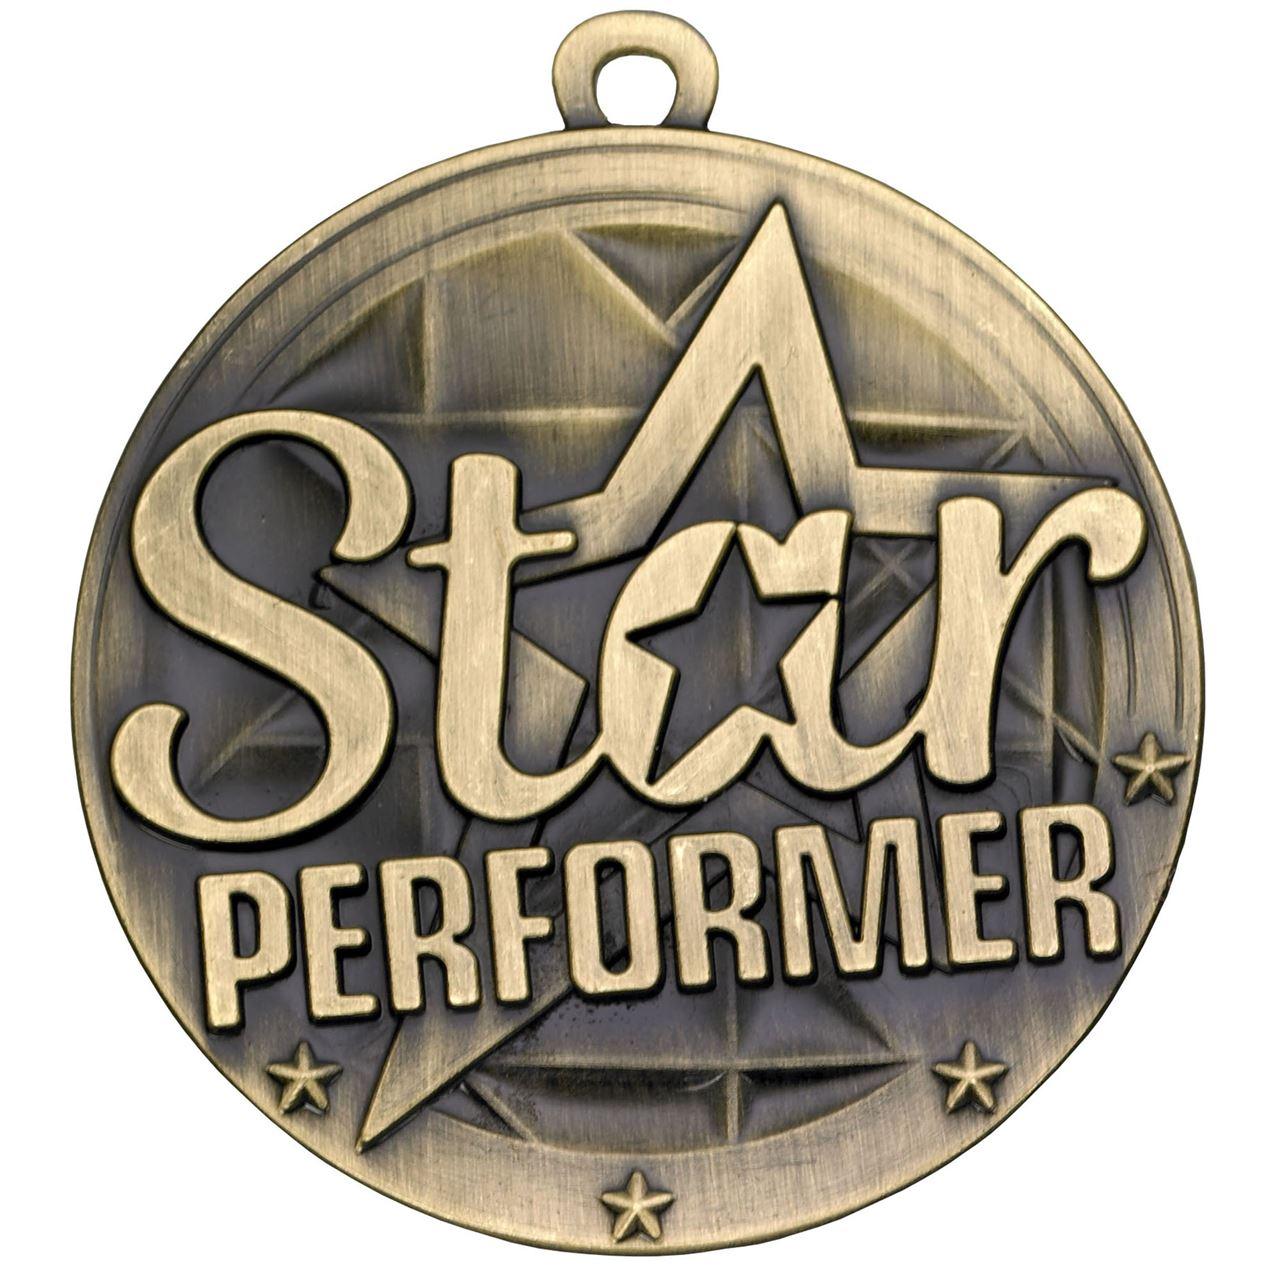 Star Performer Medal - G855